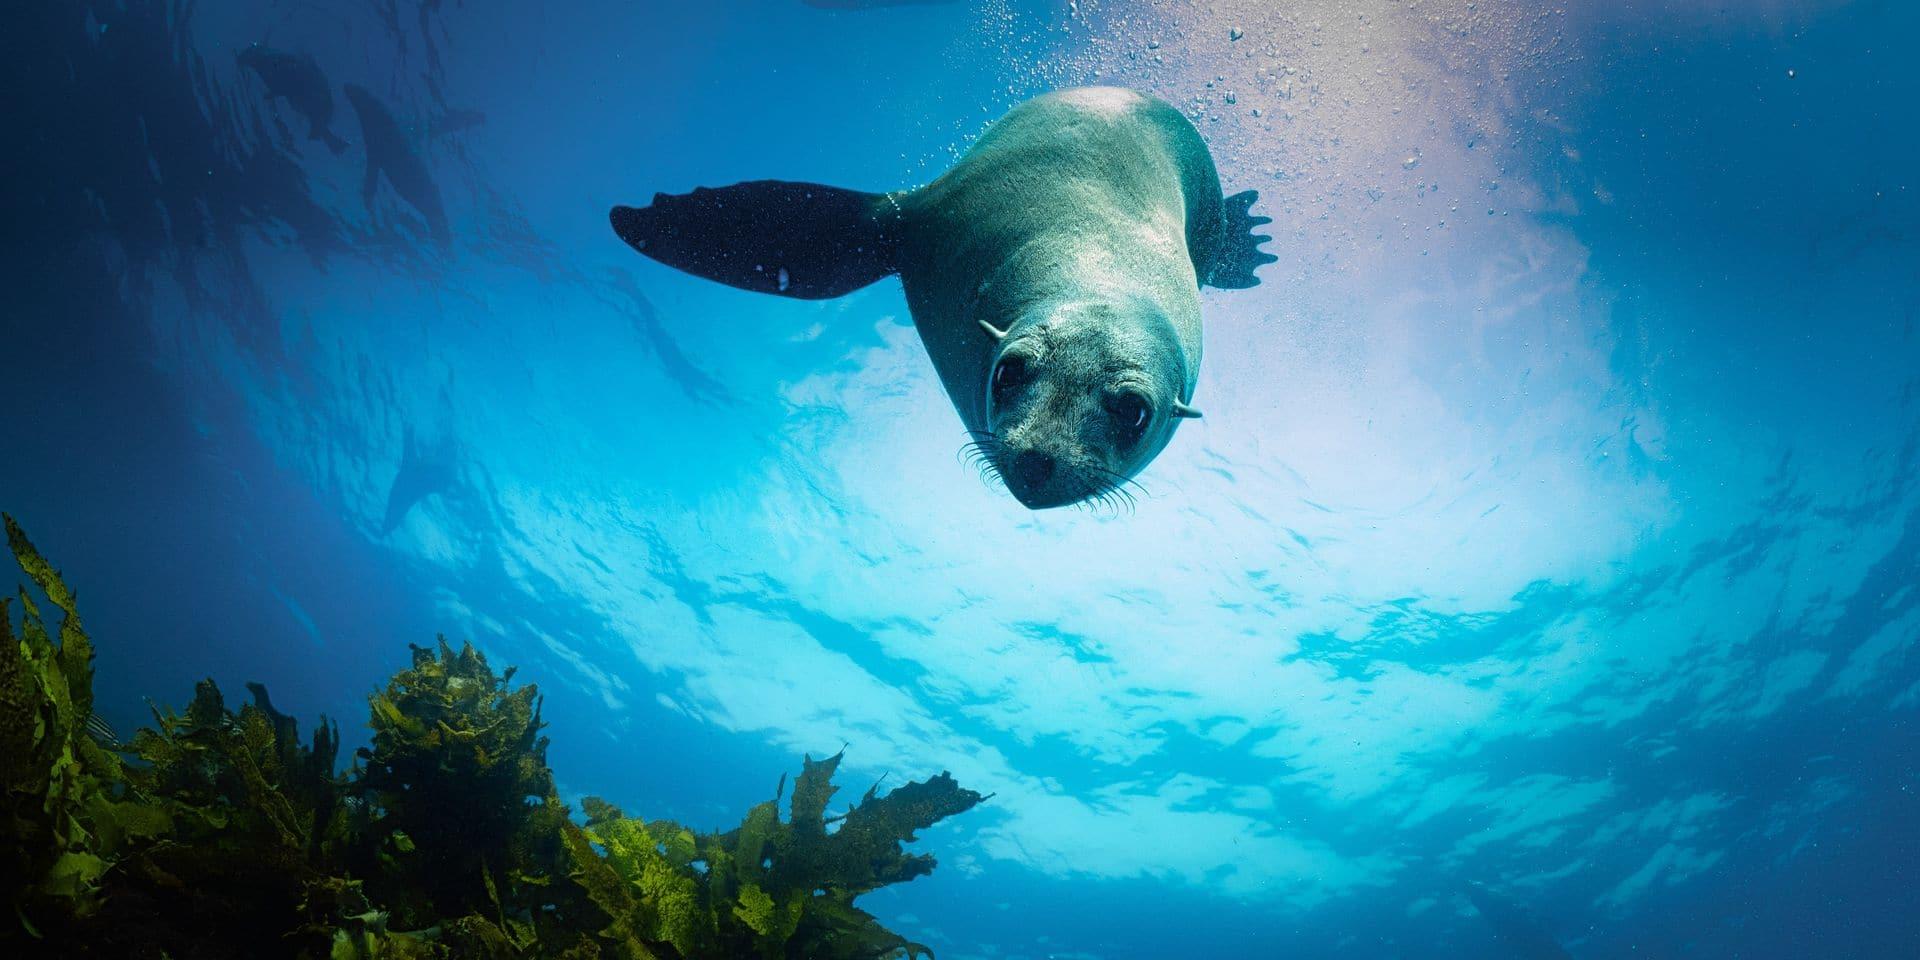 Australie, l'Odyssée Océanique - Voyage avec le courant Est Australien